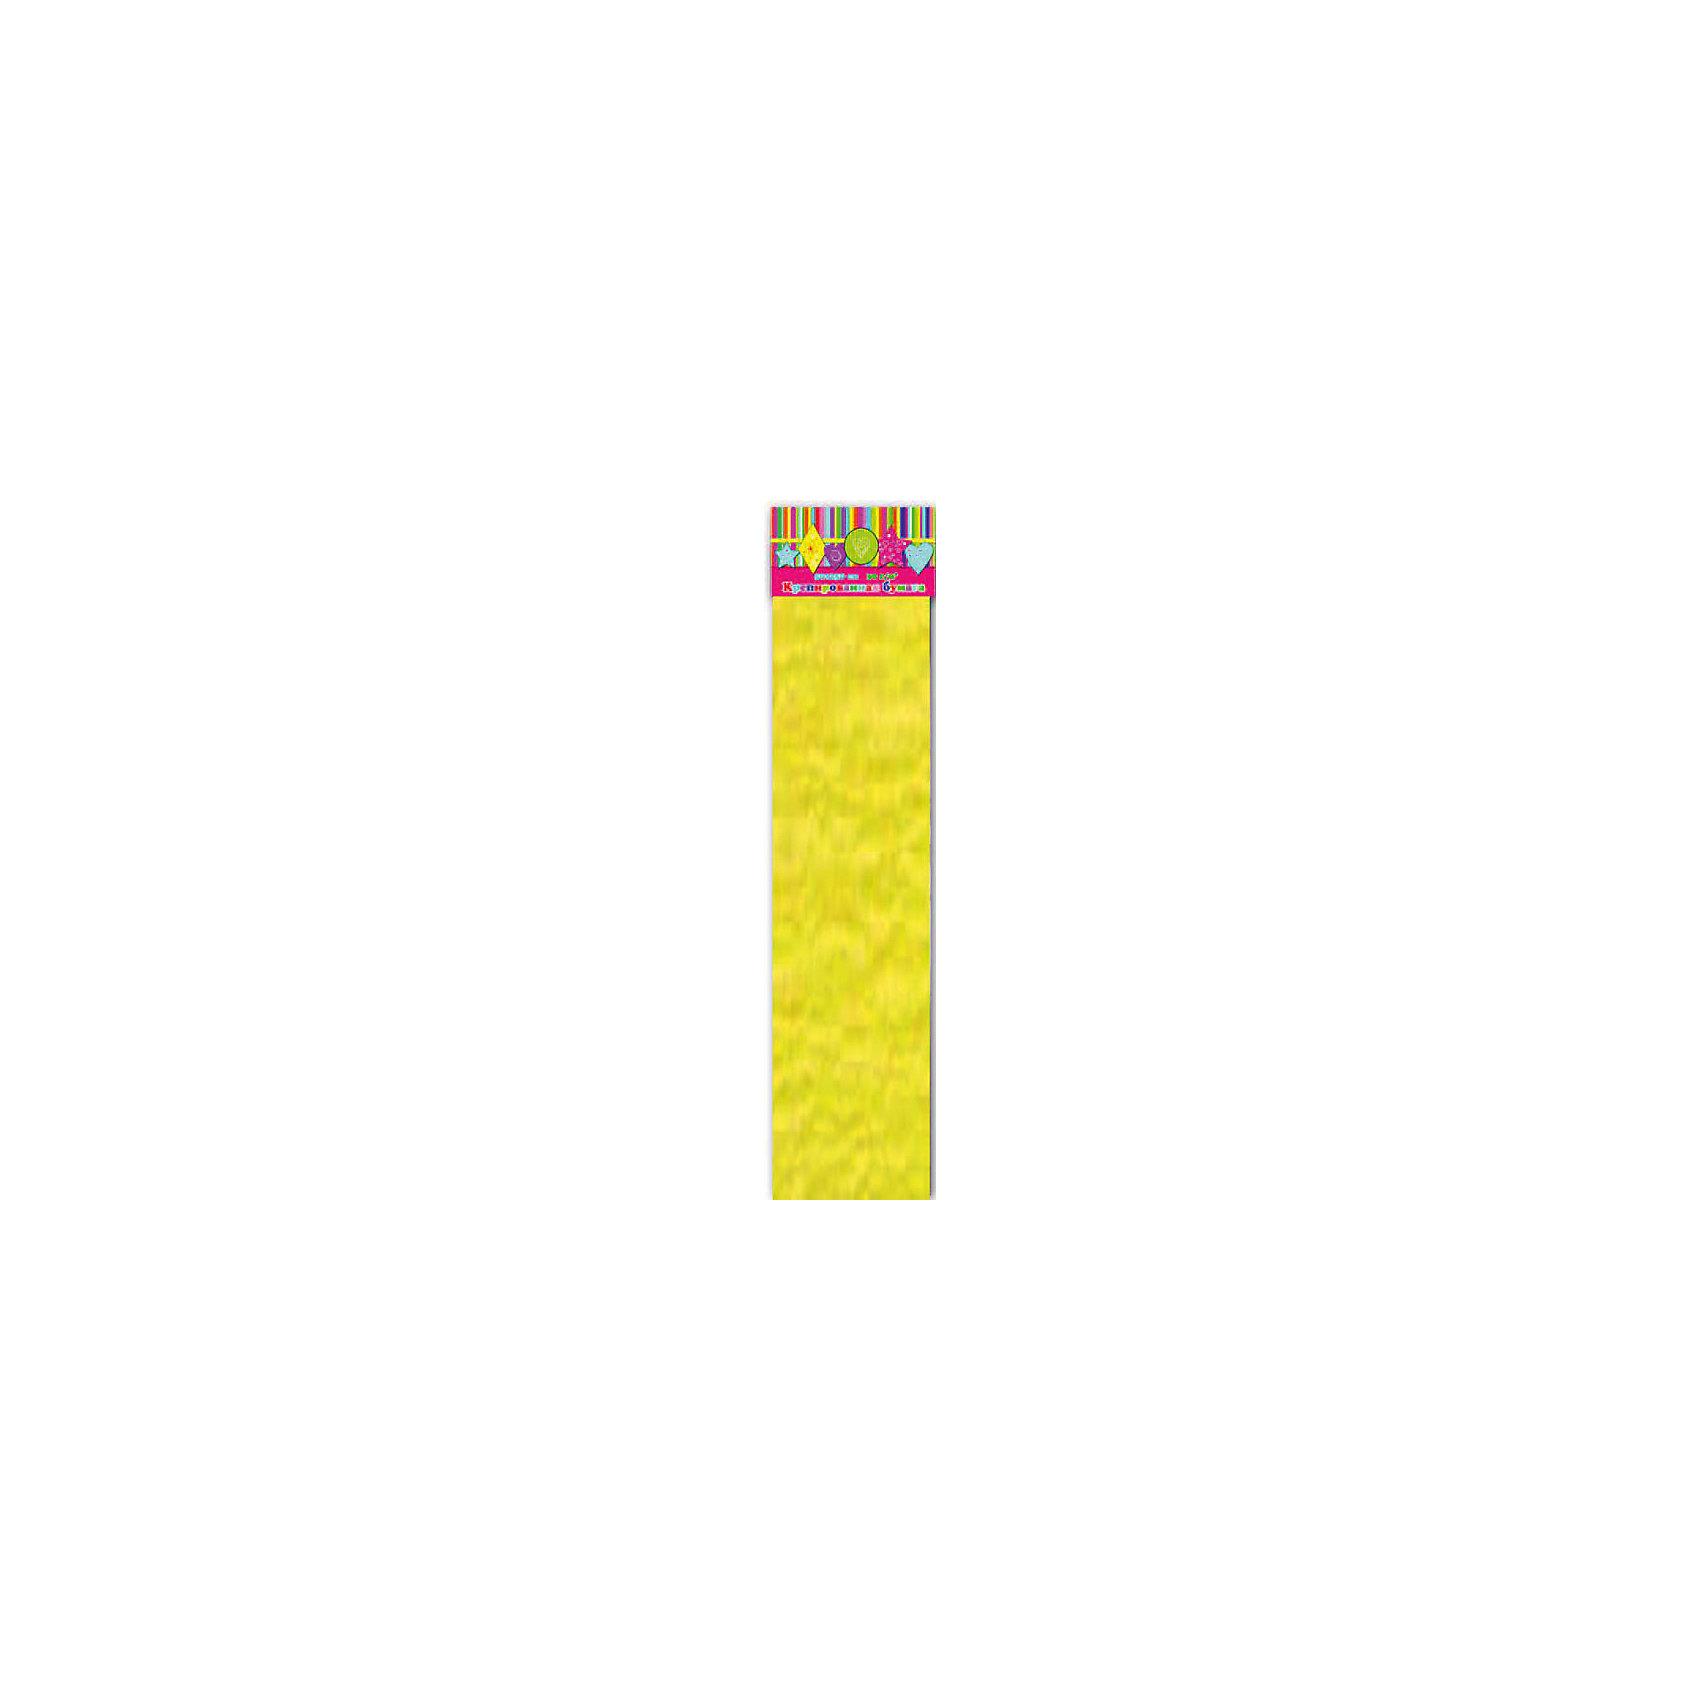 Бумага желтая эластичная крепированнаяРукоделие<br>Изумительная крепированная бумага желтого цвета, из нее Ваш малыш сможет сделать множество ярких цветов или другие поделки.<br><br>Дополнительная информация:<br><br>- Возраст: от 3 лет.<br>- 1 лист.<br>- Цвет: желтый<br>- Материал: бумага.<br>- Размеры: 50х250 см.<br>- Размер упаковки: 51х10х1,5 см.<br>- Вес в упаковке: 40 г. <br><br>Купить крепированную бумагу в желтом цвете, можно в нашем магазине.<br><br>Ширина мм: 510<br>Глубина мм: 100<br>Высота мм: 5<br>Вес г: 40<br>Возраст от месяцев: 36<br>Возраст до месяцев: 2147483647<br>Пол: Унисекс<br>Возраст: Детский<br>SKU: 4943577